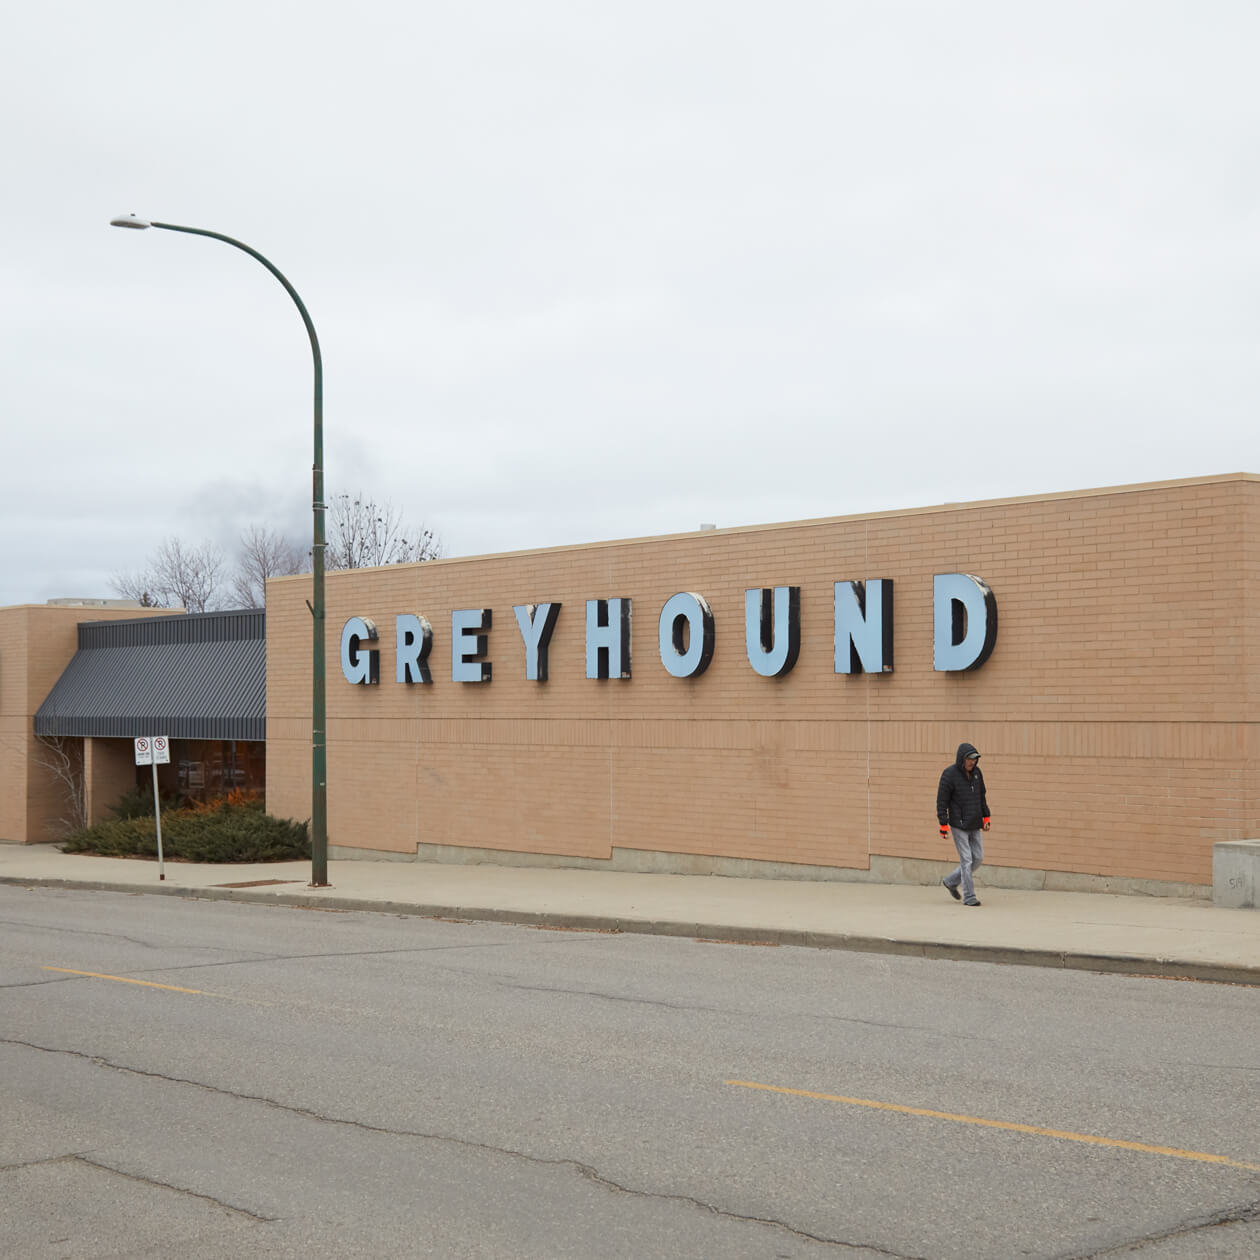 Greyhound terminal in Brandon, Manitoba